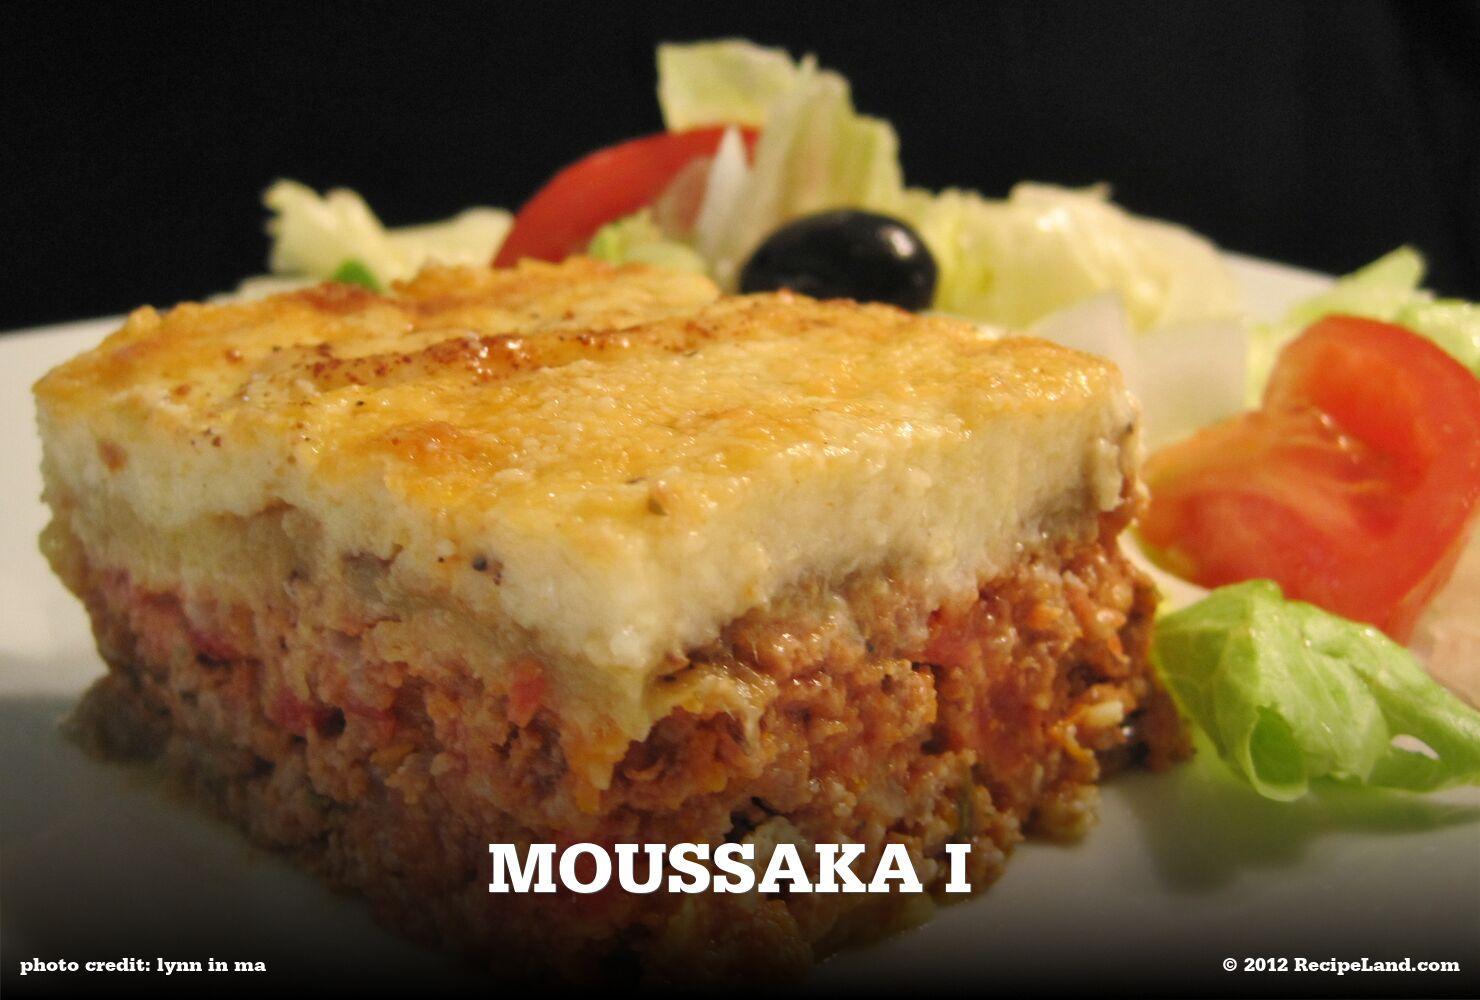 Moussaka I